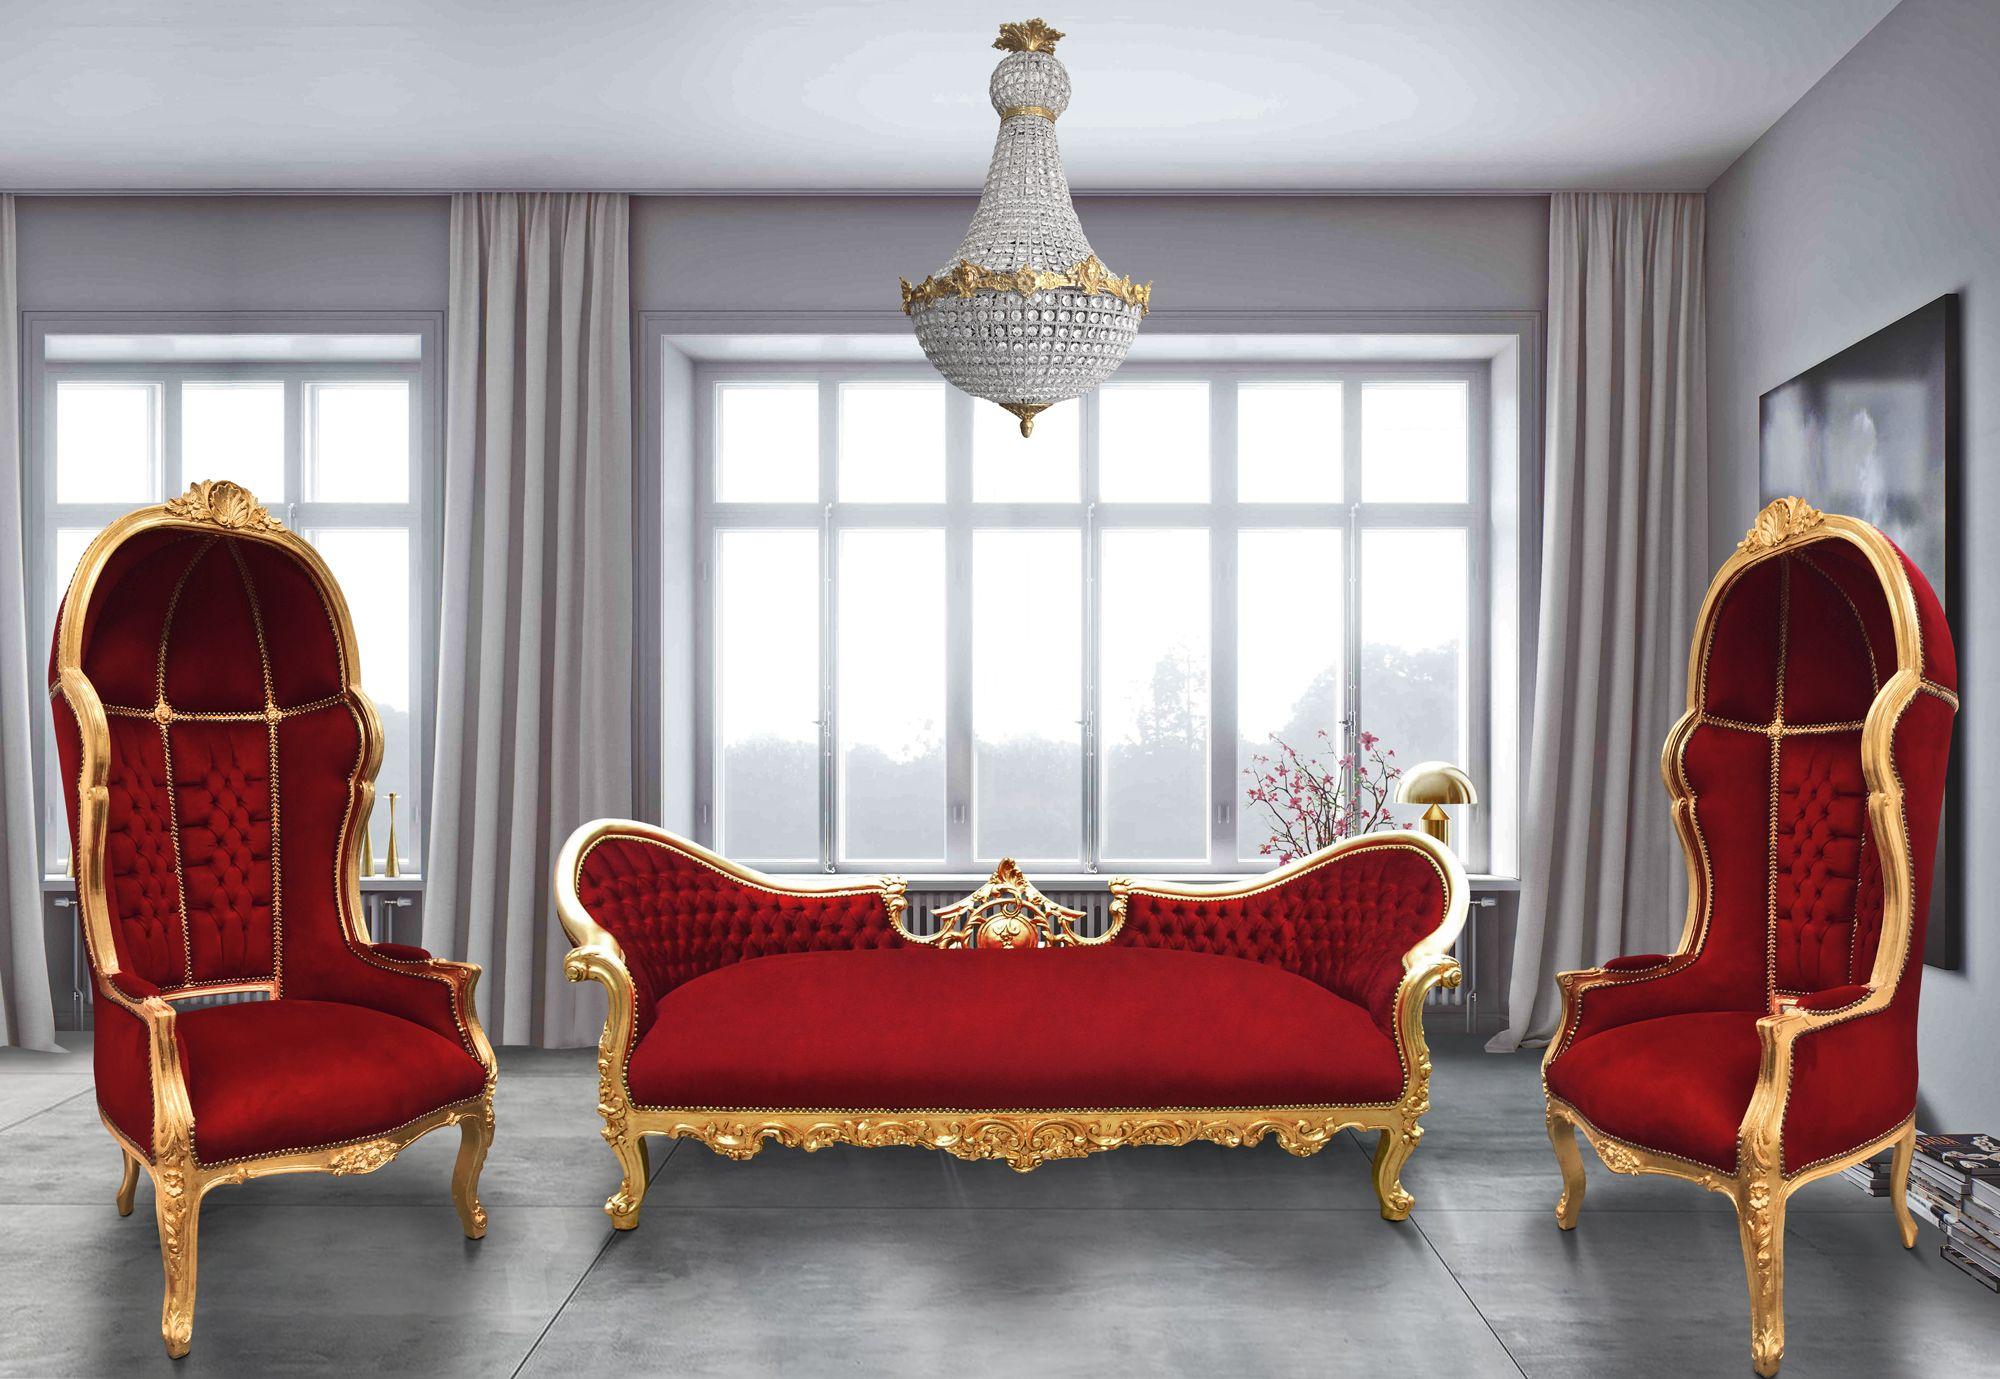 e60dbcdf5904f2b0c211f450ab197d37 Meilleur De De Meuble De Style Des Idées